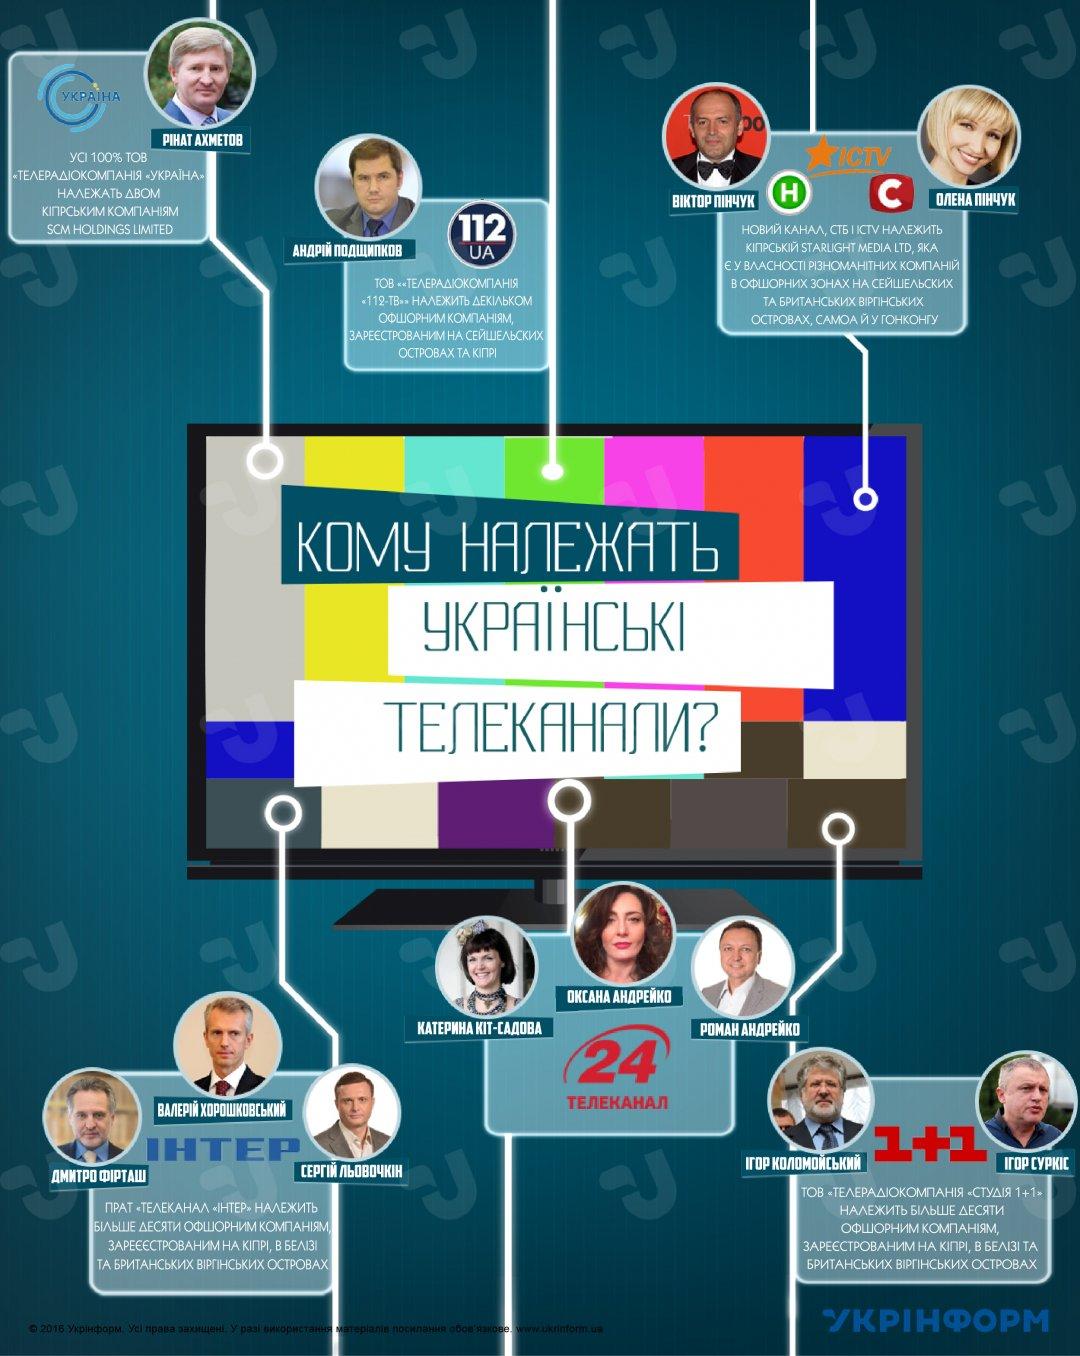 Власники українських телеканалів: хто вони?